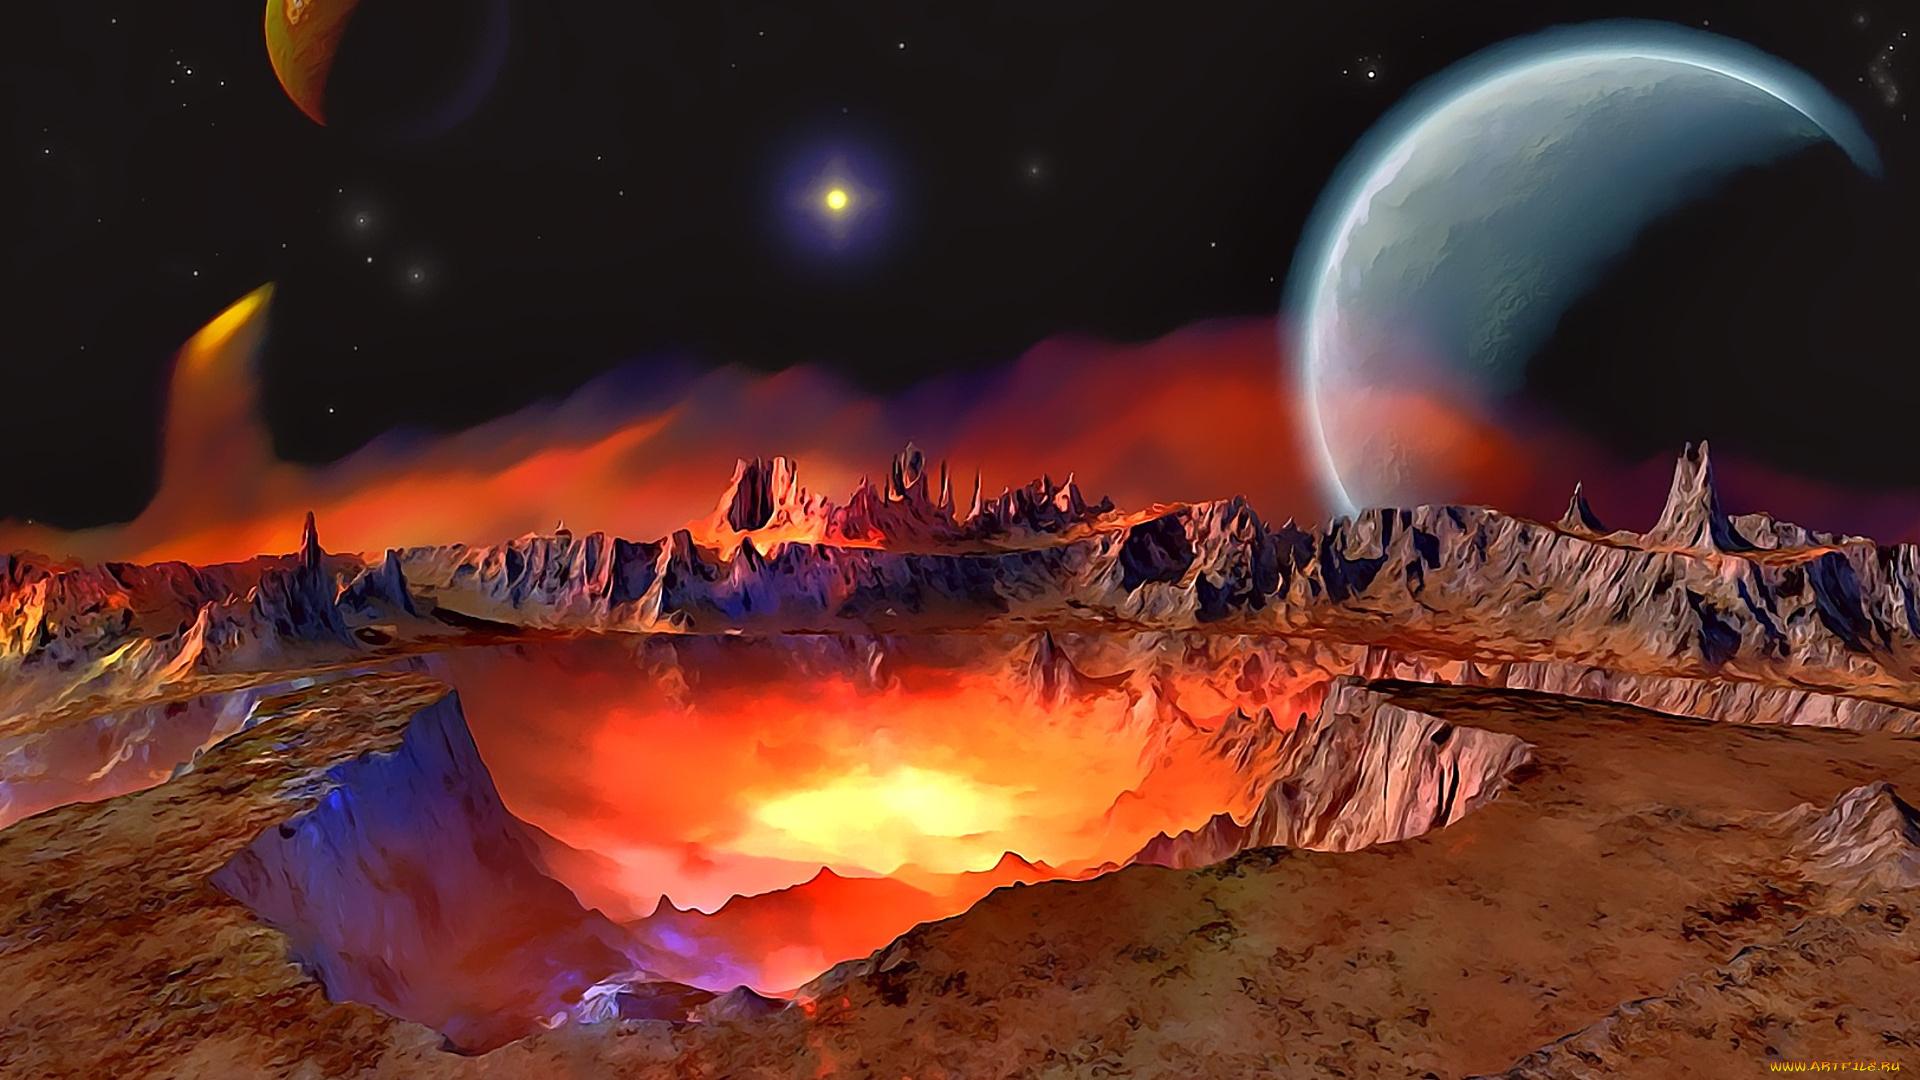 фото большие планеты фантастика освещение коридоре